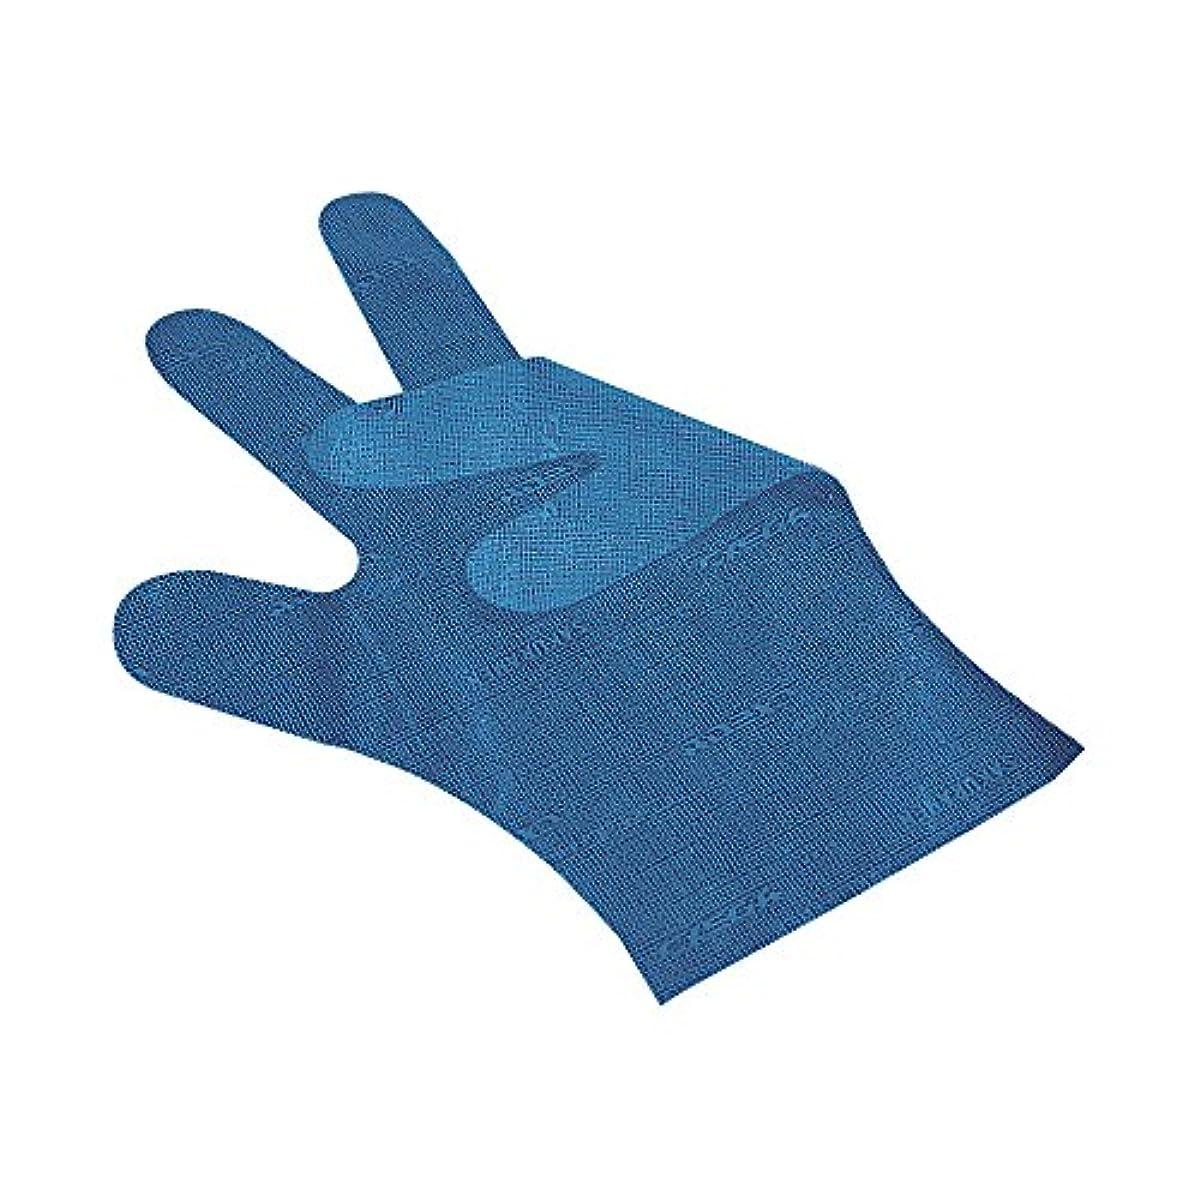 サクラメンエンボス手袋 デラックス ブルー L 100枚入